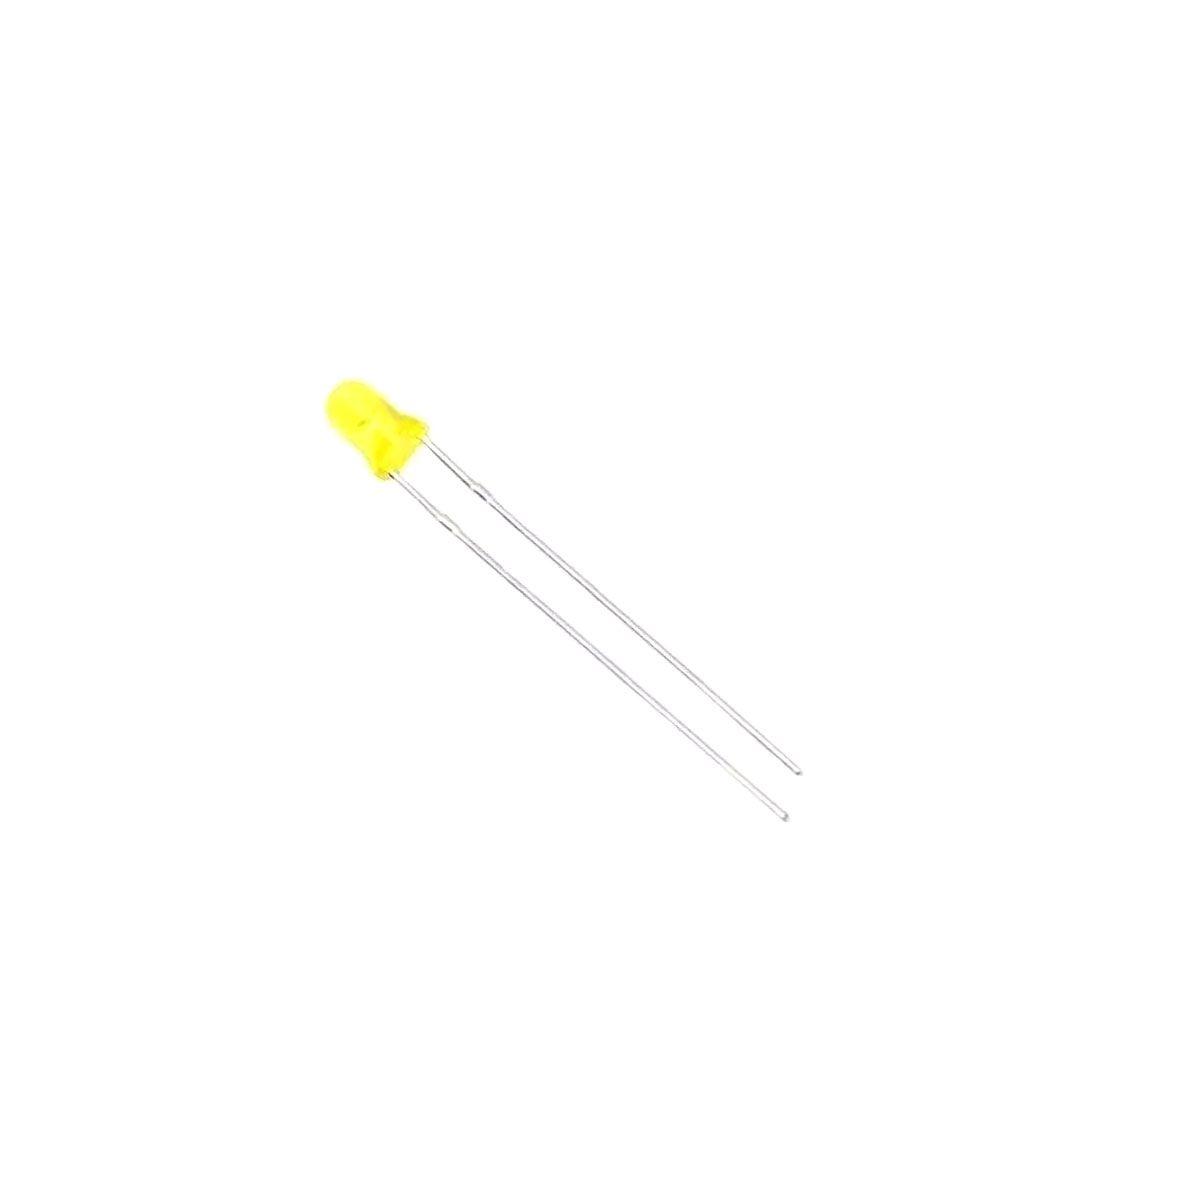 20x Led Colorido Difuso 3mm 4 cor de cada: Azul, Amarelo, Verde, Vermelho e Branco